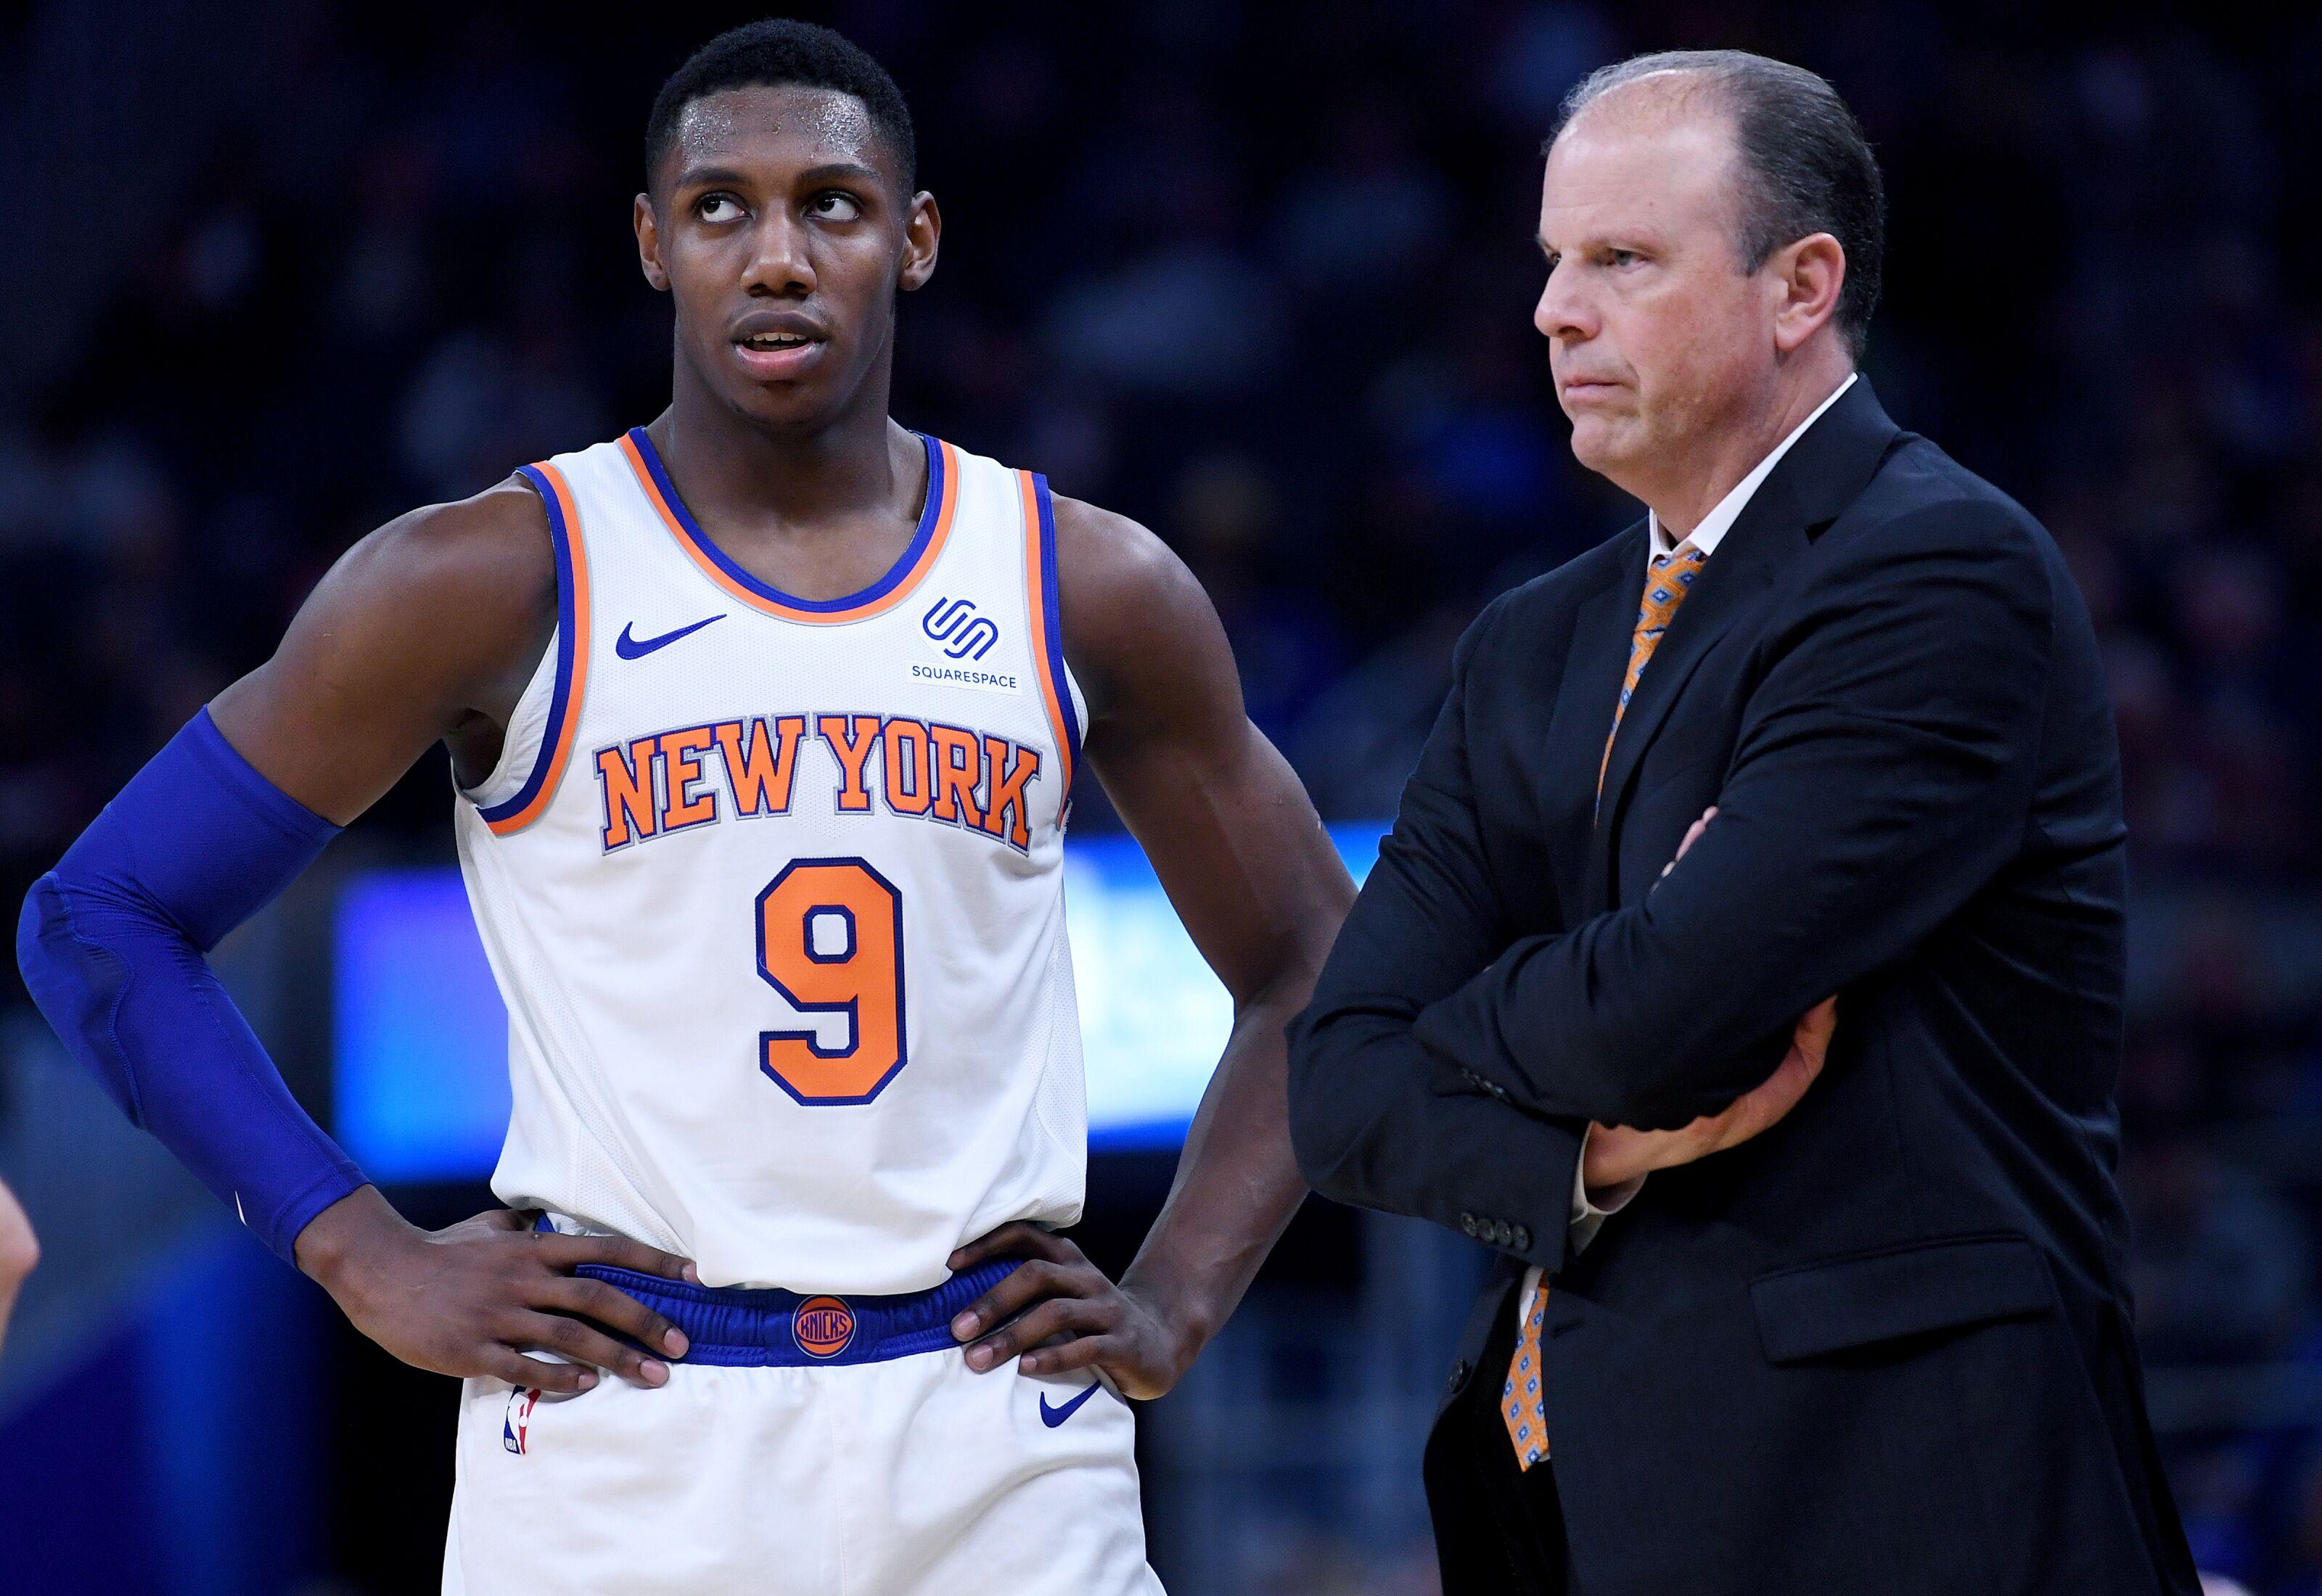 New York Knicks: RJ Barrett injury underlies bigger issue